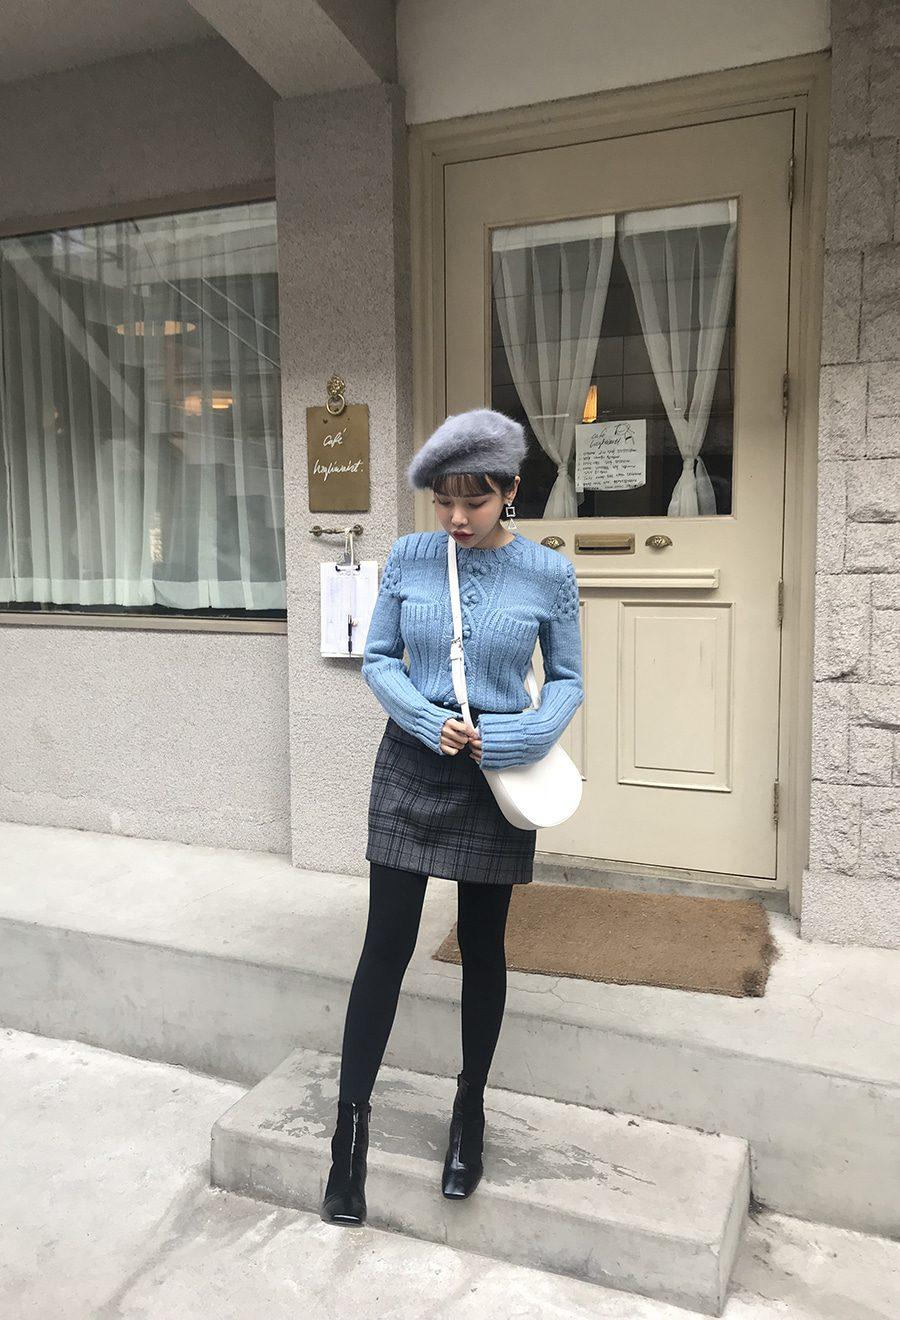 寒冷的冬天,穿毛衣也要美美的!怕冷的女孩可以加上褲襪!